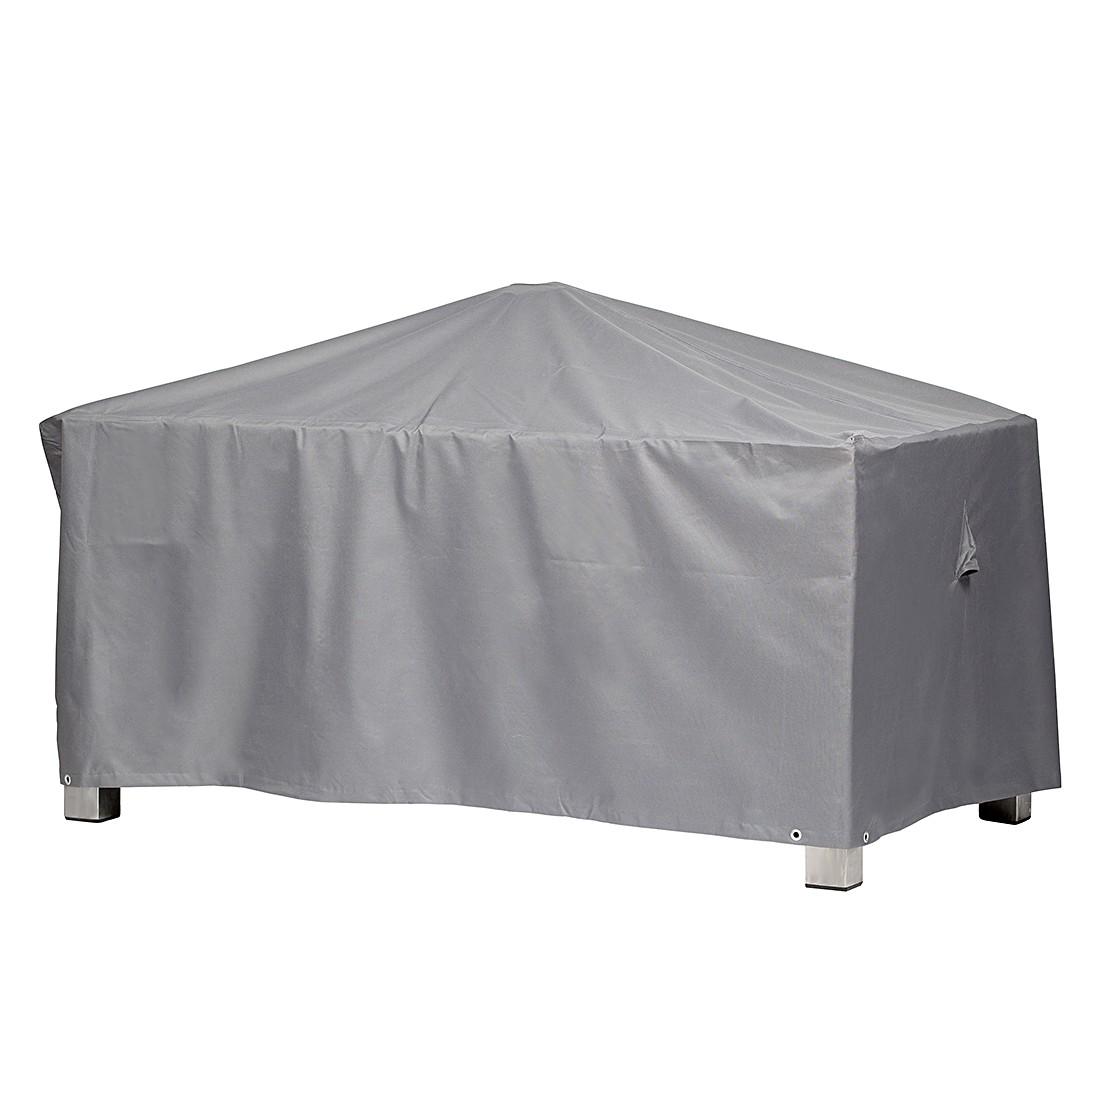 Schutzhülle Premium für rechteckigen Gartentisch (185 x 105 cm) – Polyester, mehr Garten jetzt bestellen